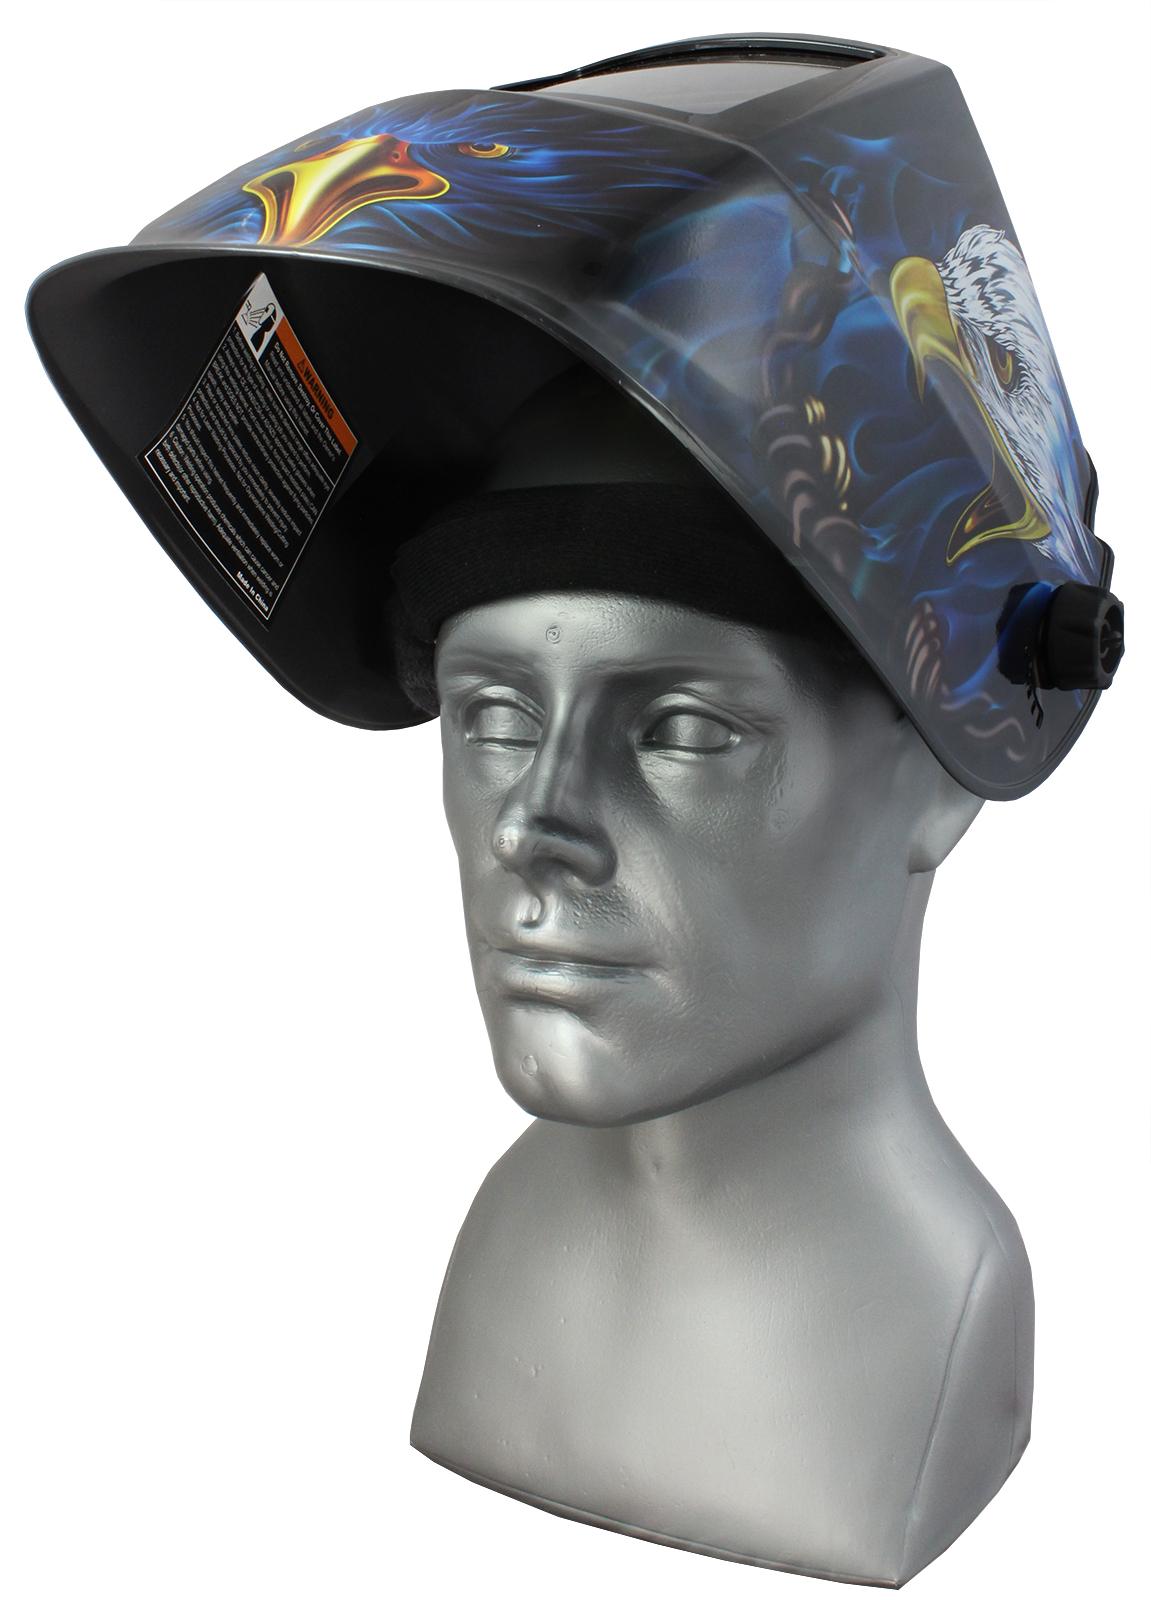 Maska przyłbica samościemniająca TECMEN GRIND 820S  Eagle szeroka 95x85 mm